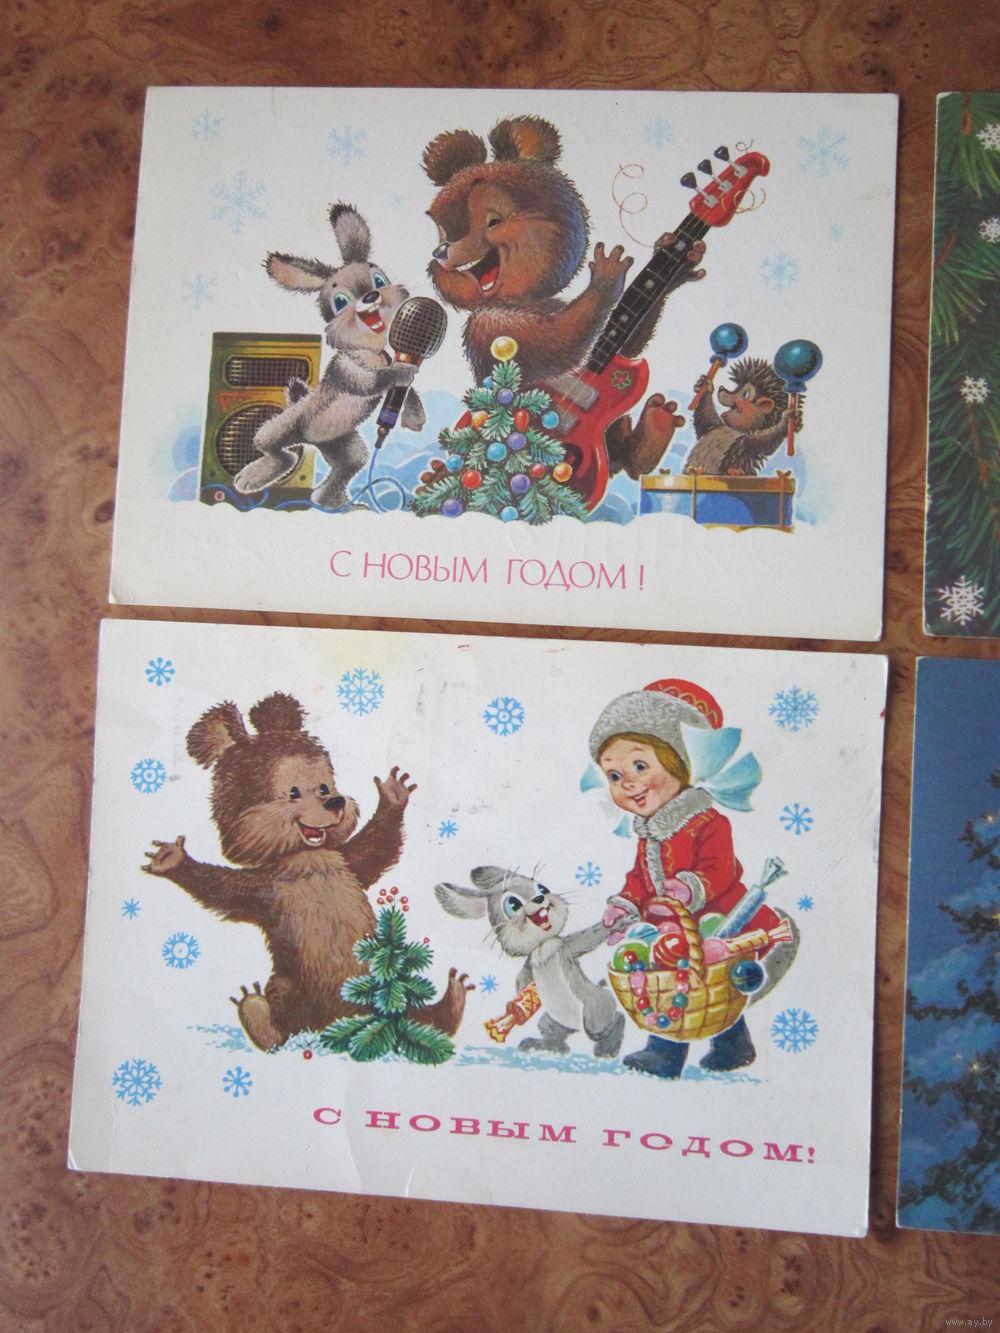 Коллекция открыток художника Владимира Зарубина с описанием 14